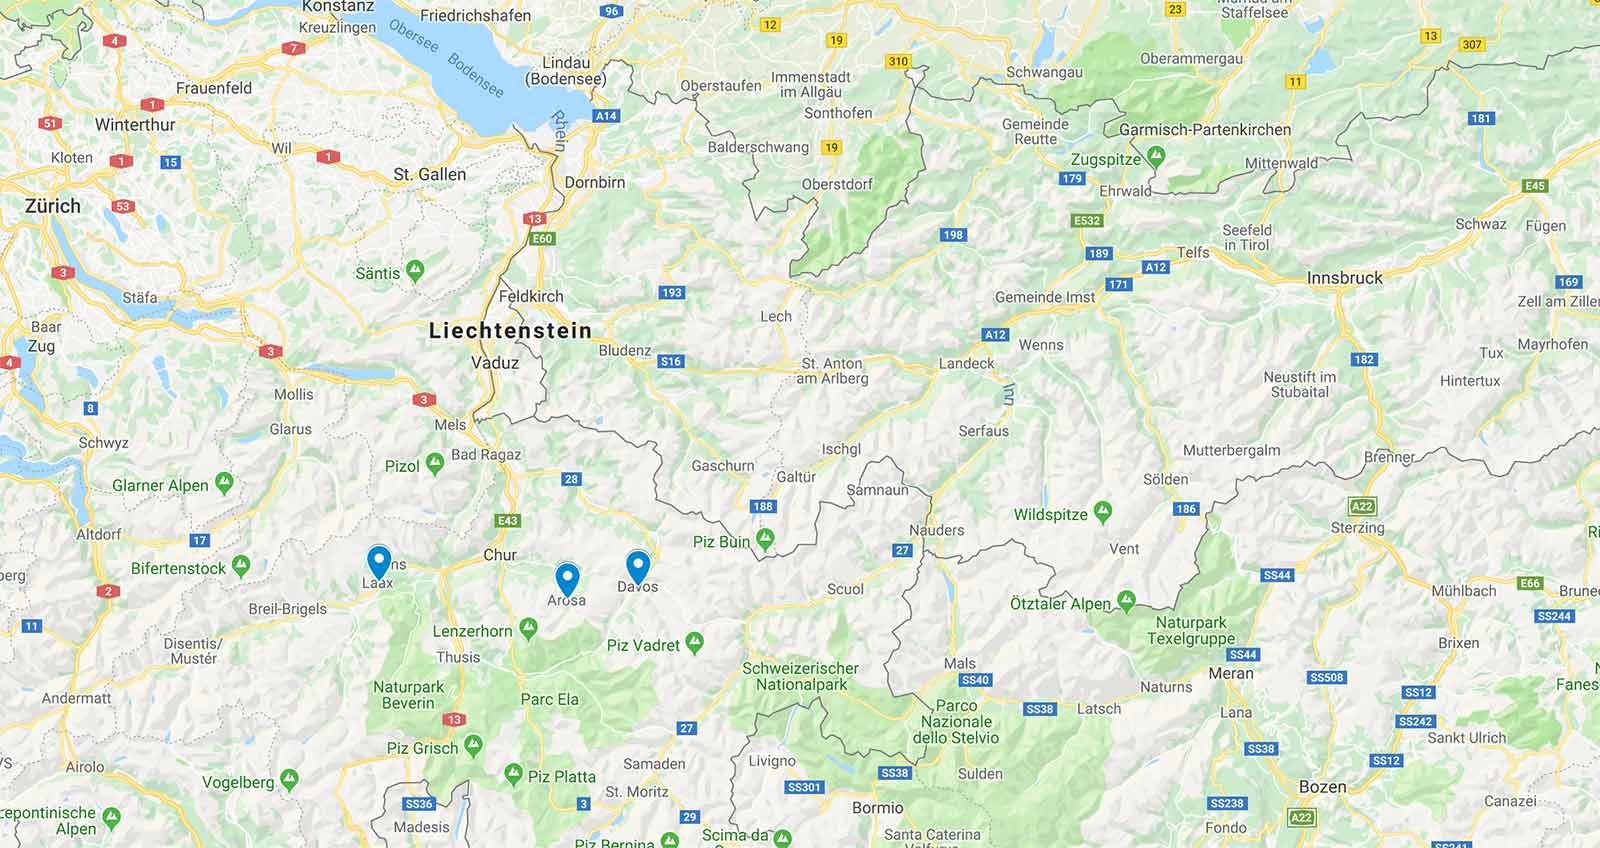 topcard_saisonkarte_2021-2022_schweiz_ski_uebersicht_skigebiete